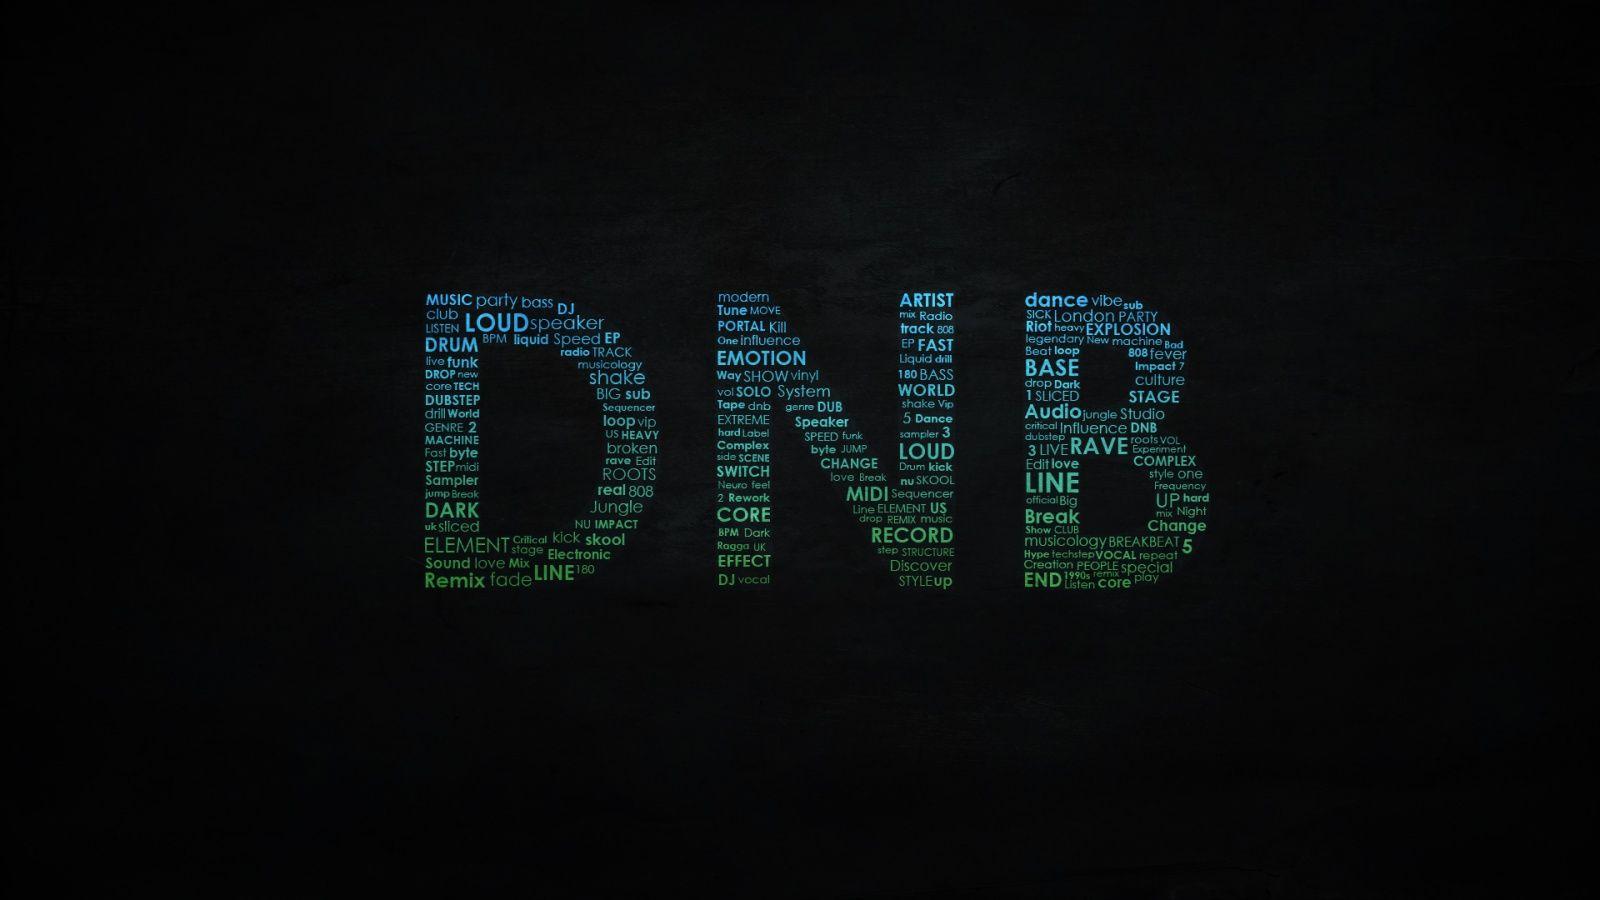 Google Afbeeldingen resultaat voor http://wallpaperdj.com/download/dnb_typography-1600x900.jpg